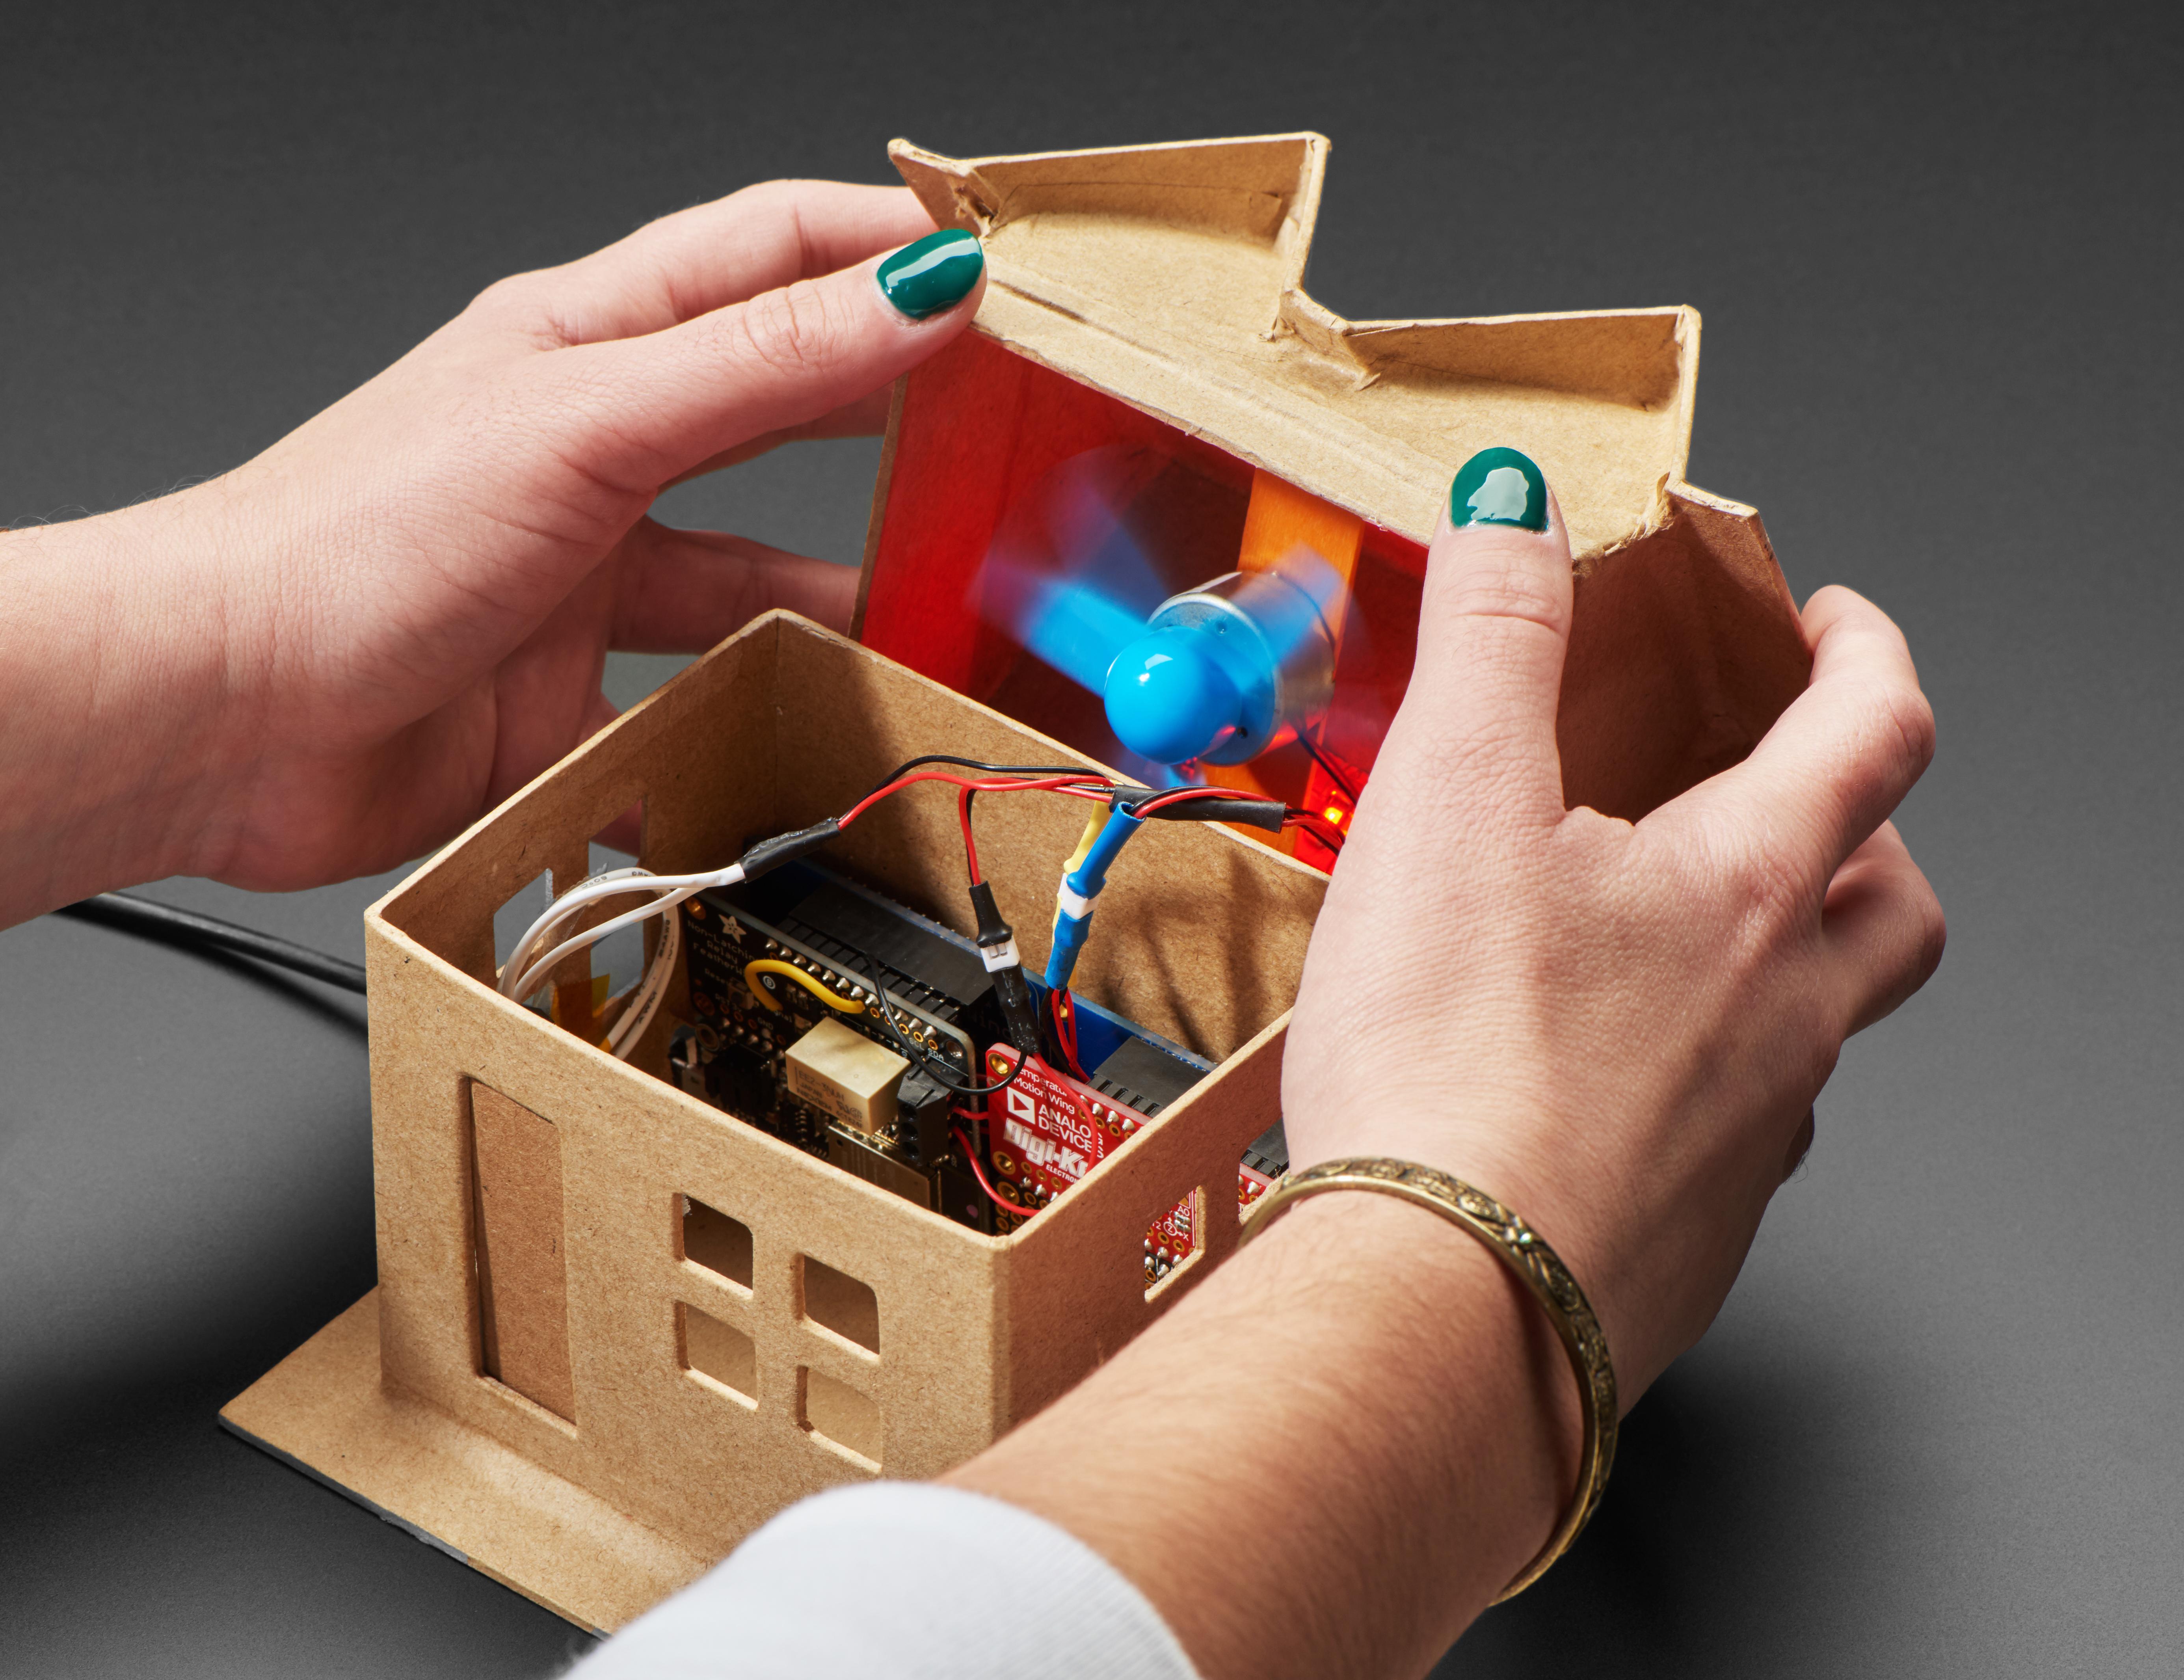 sensors_DigiKey_IoT_Home_Kit_open_ORIG_2019_12.jpg